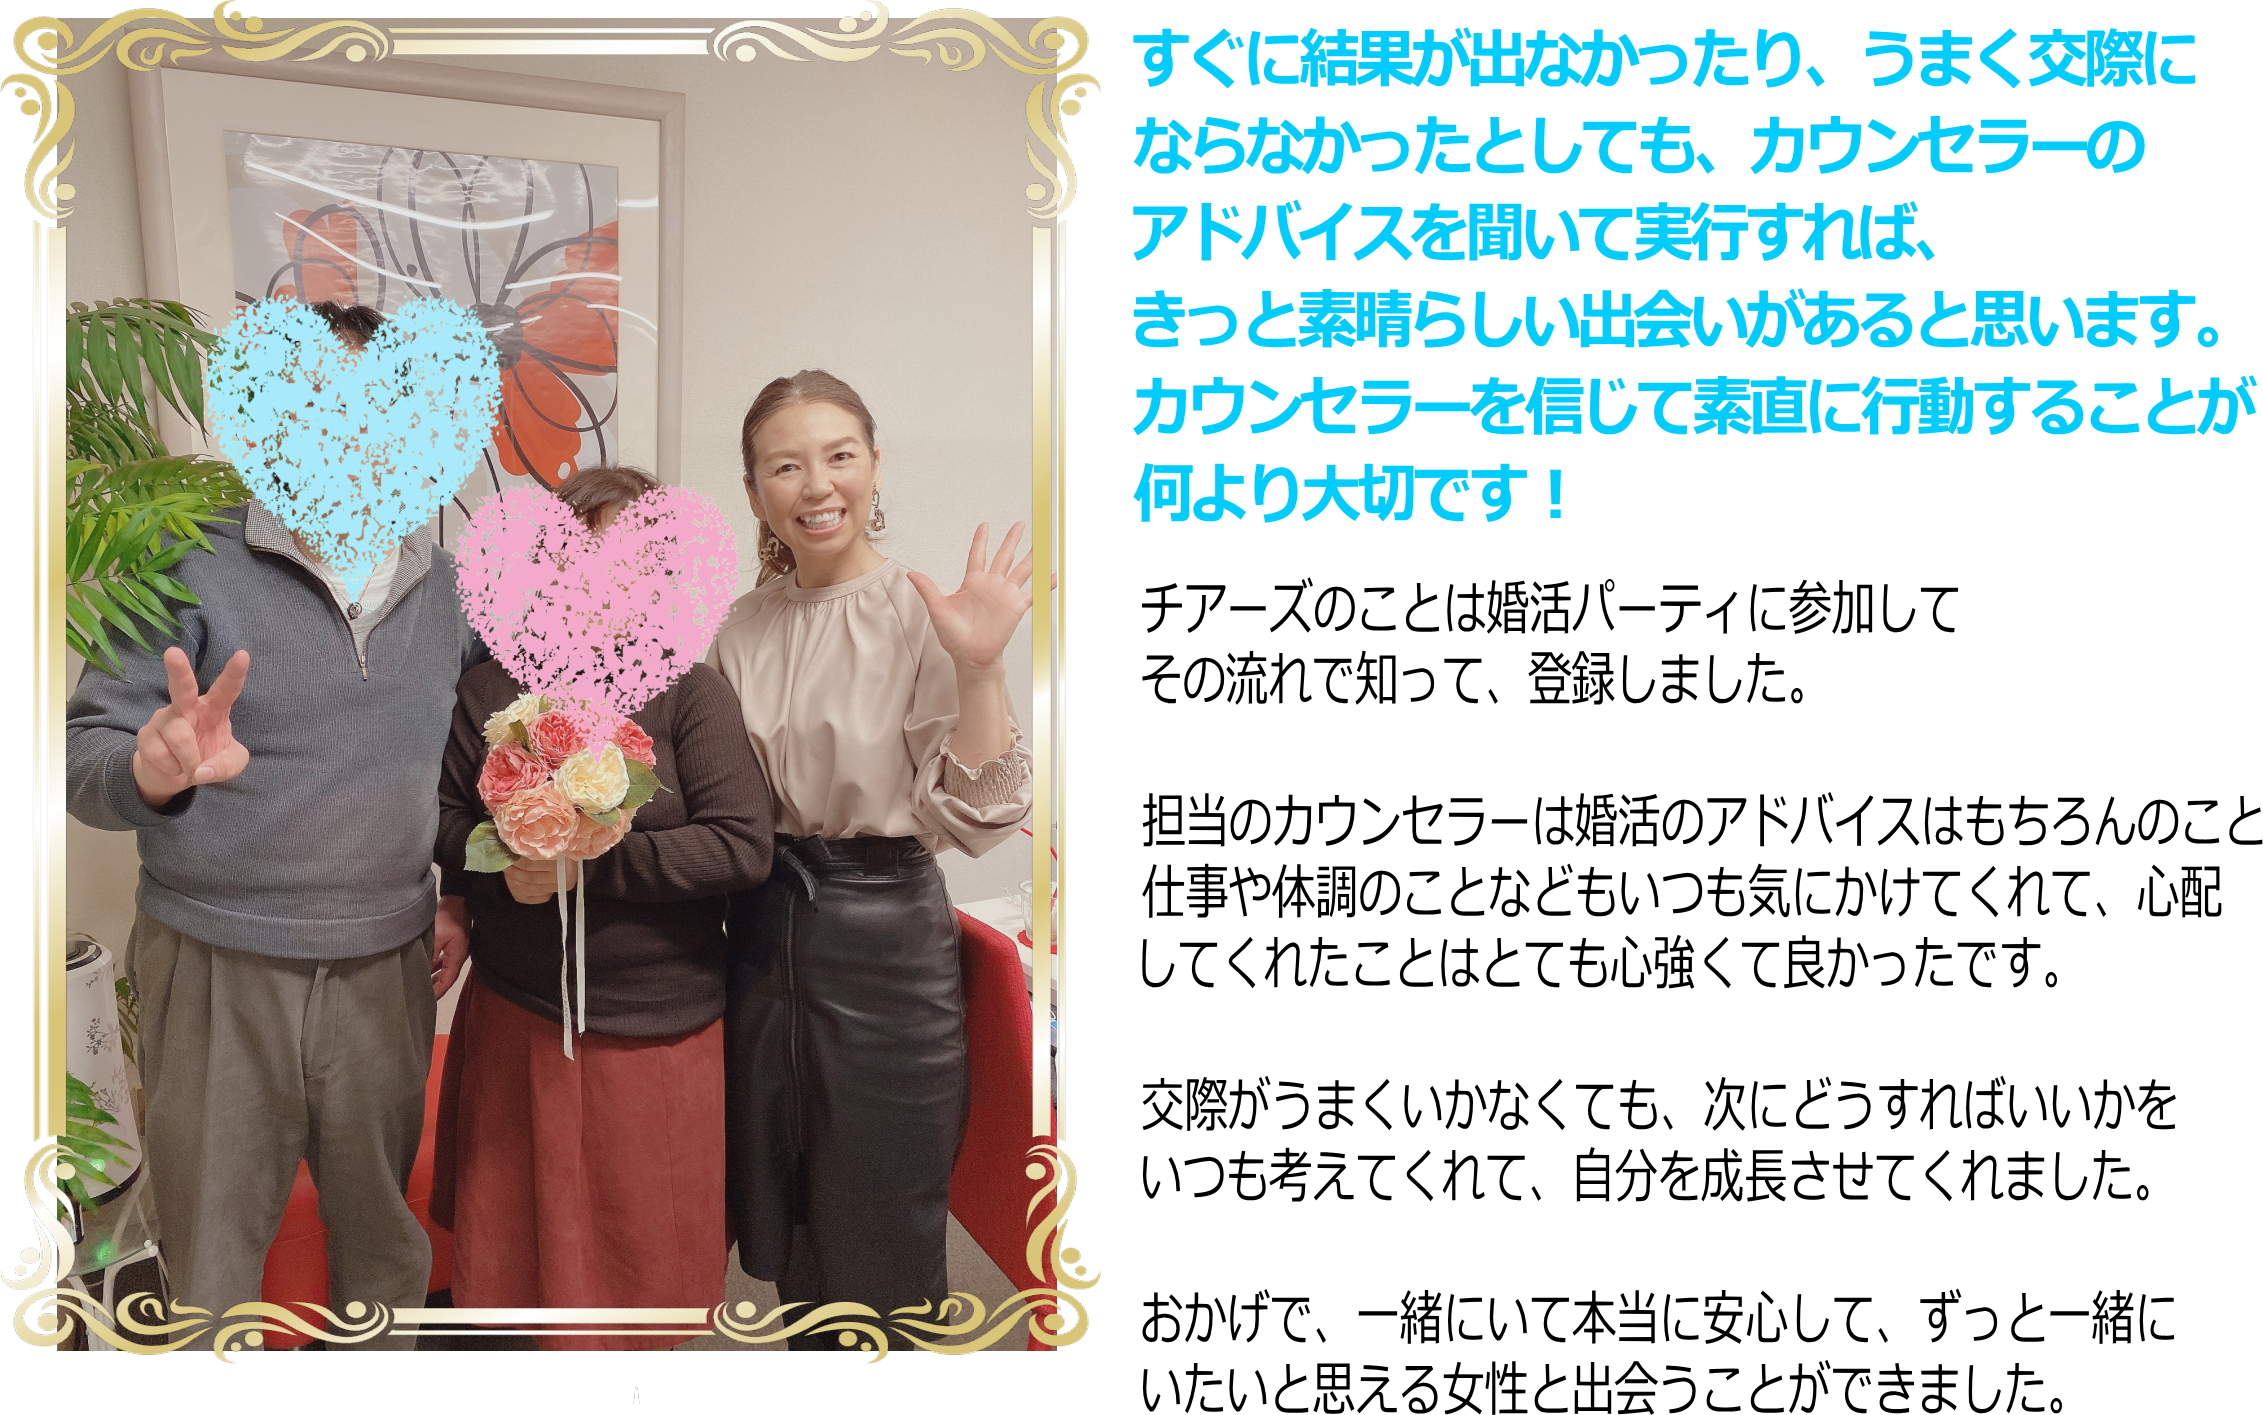 【チアーズ】成婚カップルM様